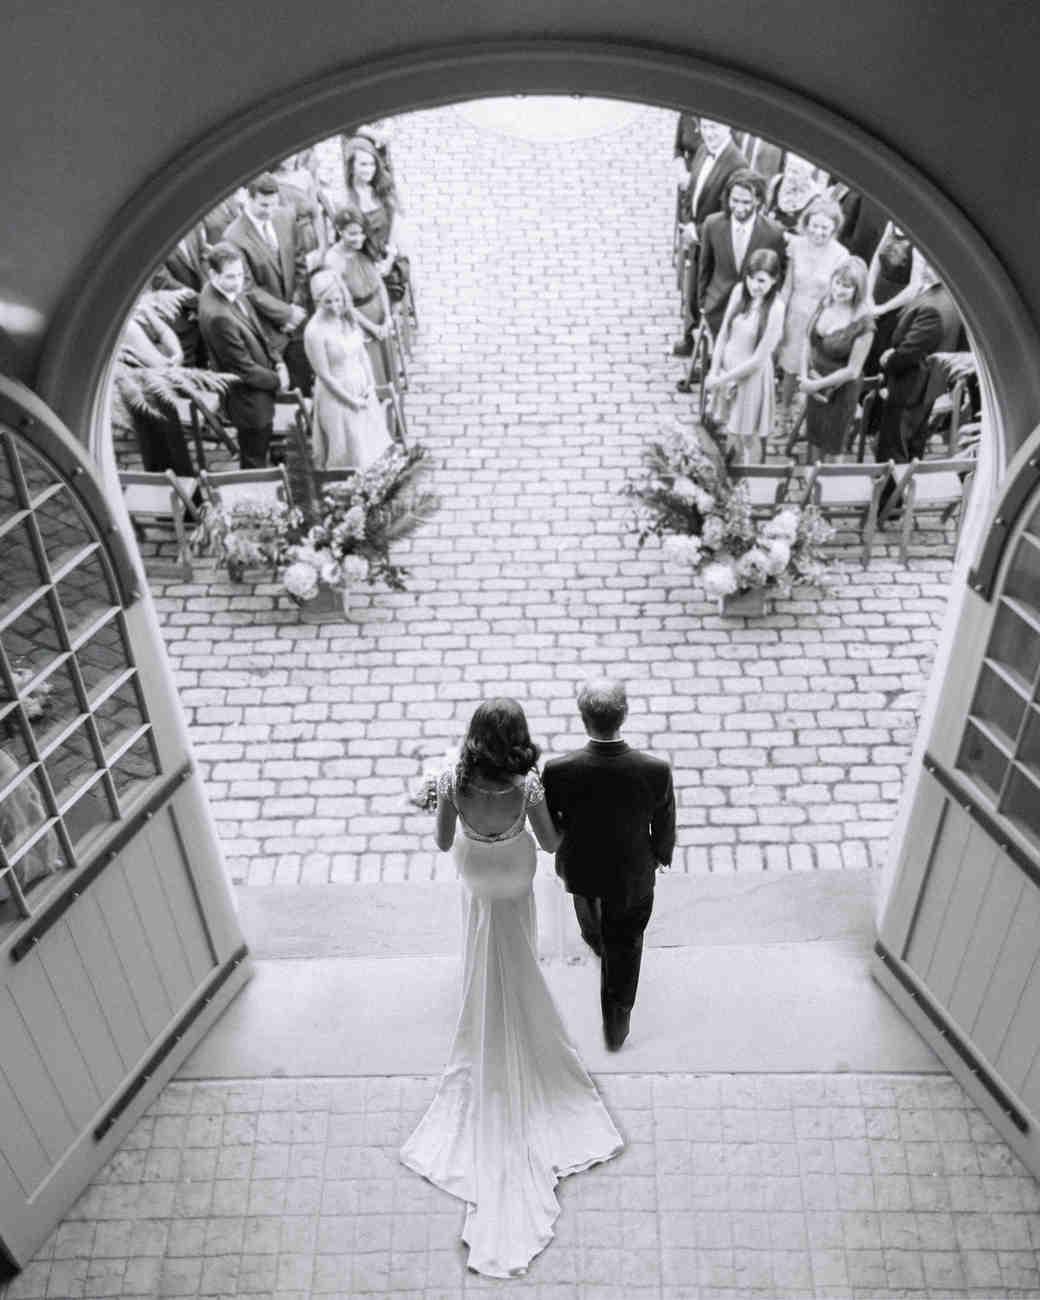 kristina-barrett-wedding-martha-farm-ja-6965-d112491.jpg